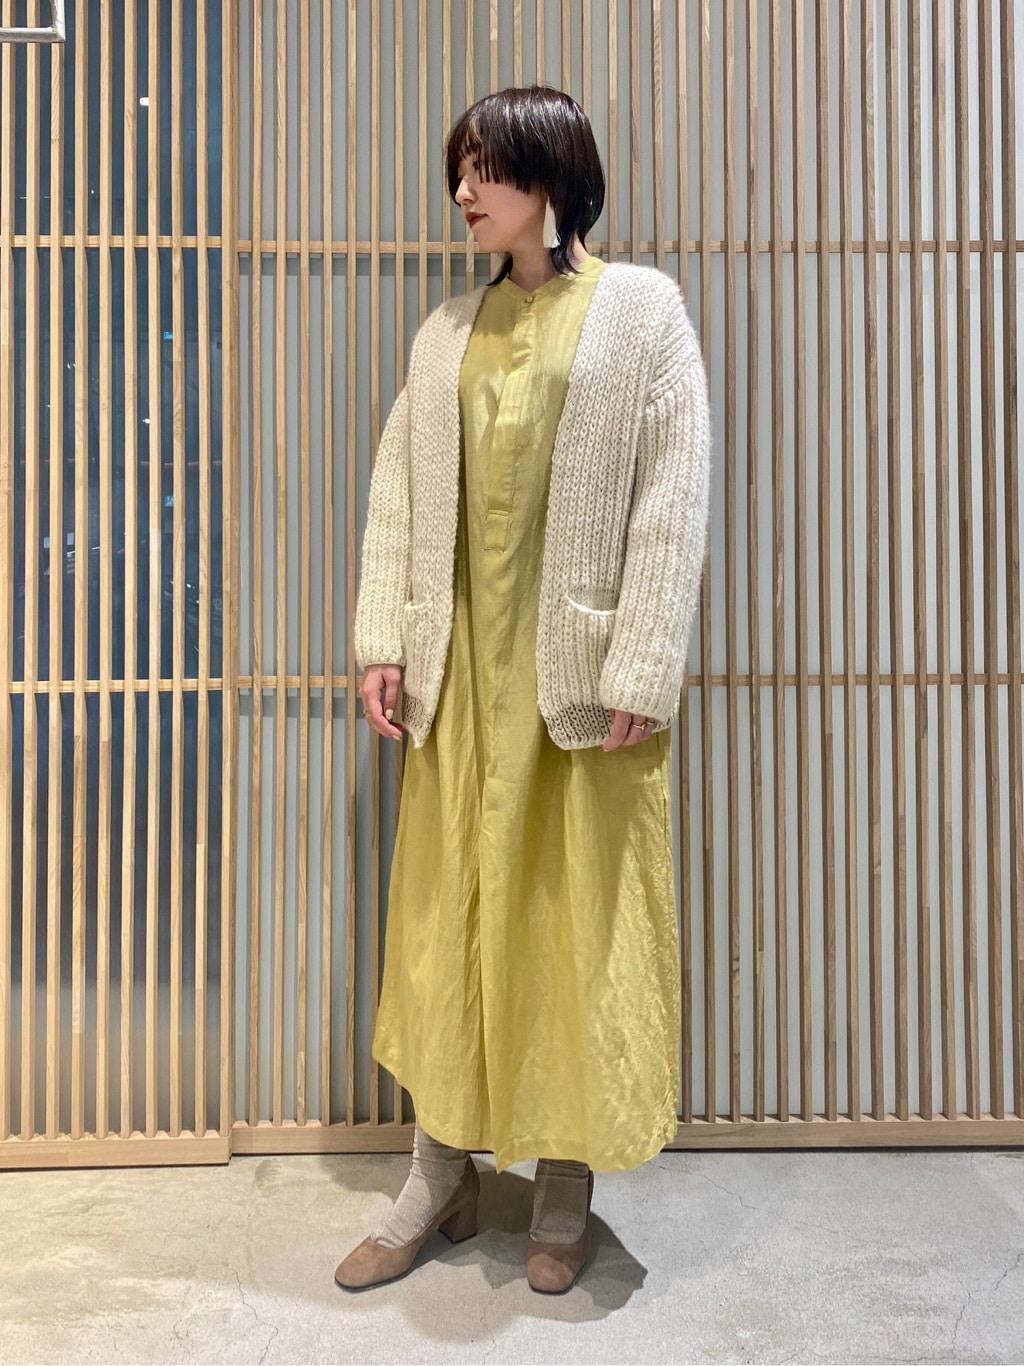 ルクア大阪 2020.12.18